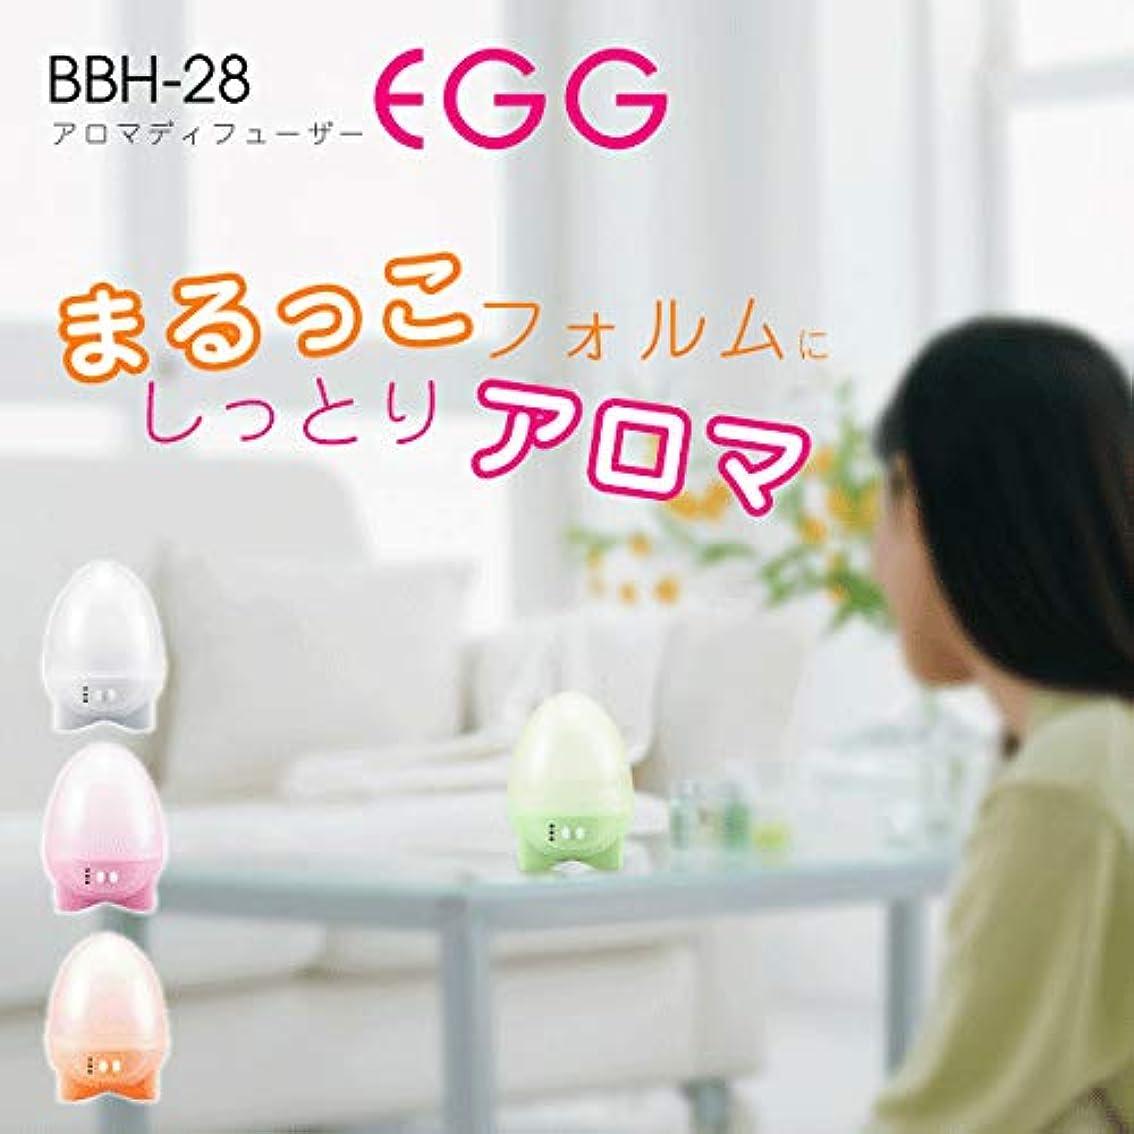 八百屋フランクワースリー父方のPRISMATE(プリズメイト)アロマディフューザー Egg BBH-28 [在庫有]